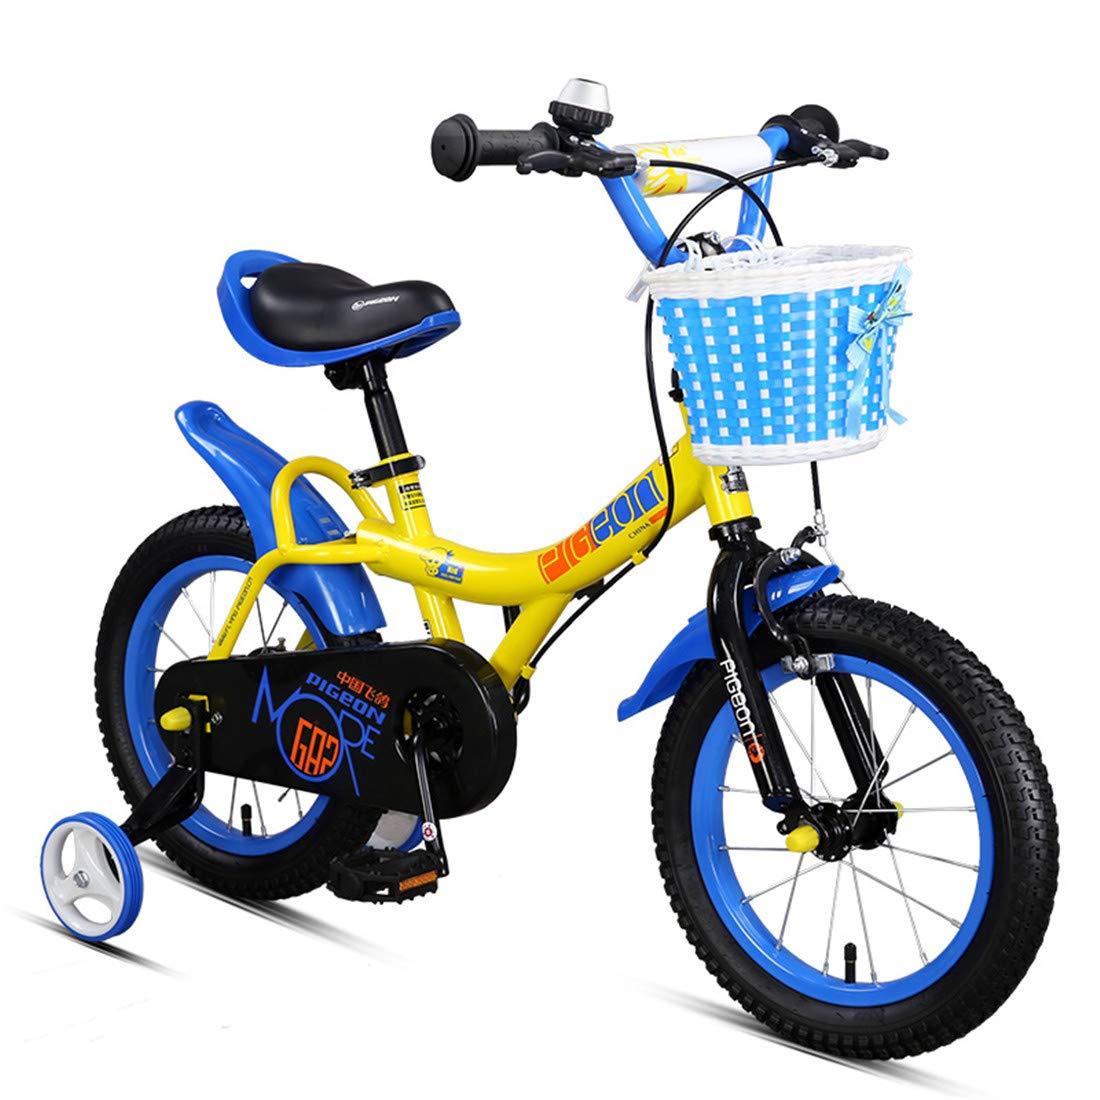 男の子および女の子のための訓練の車輪の自転車の高炭素鋼鉄が付いている子供のバイク18インチ   B07NYYX28Y